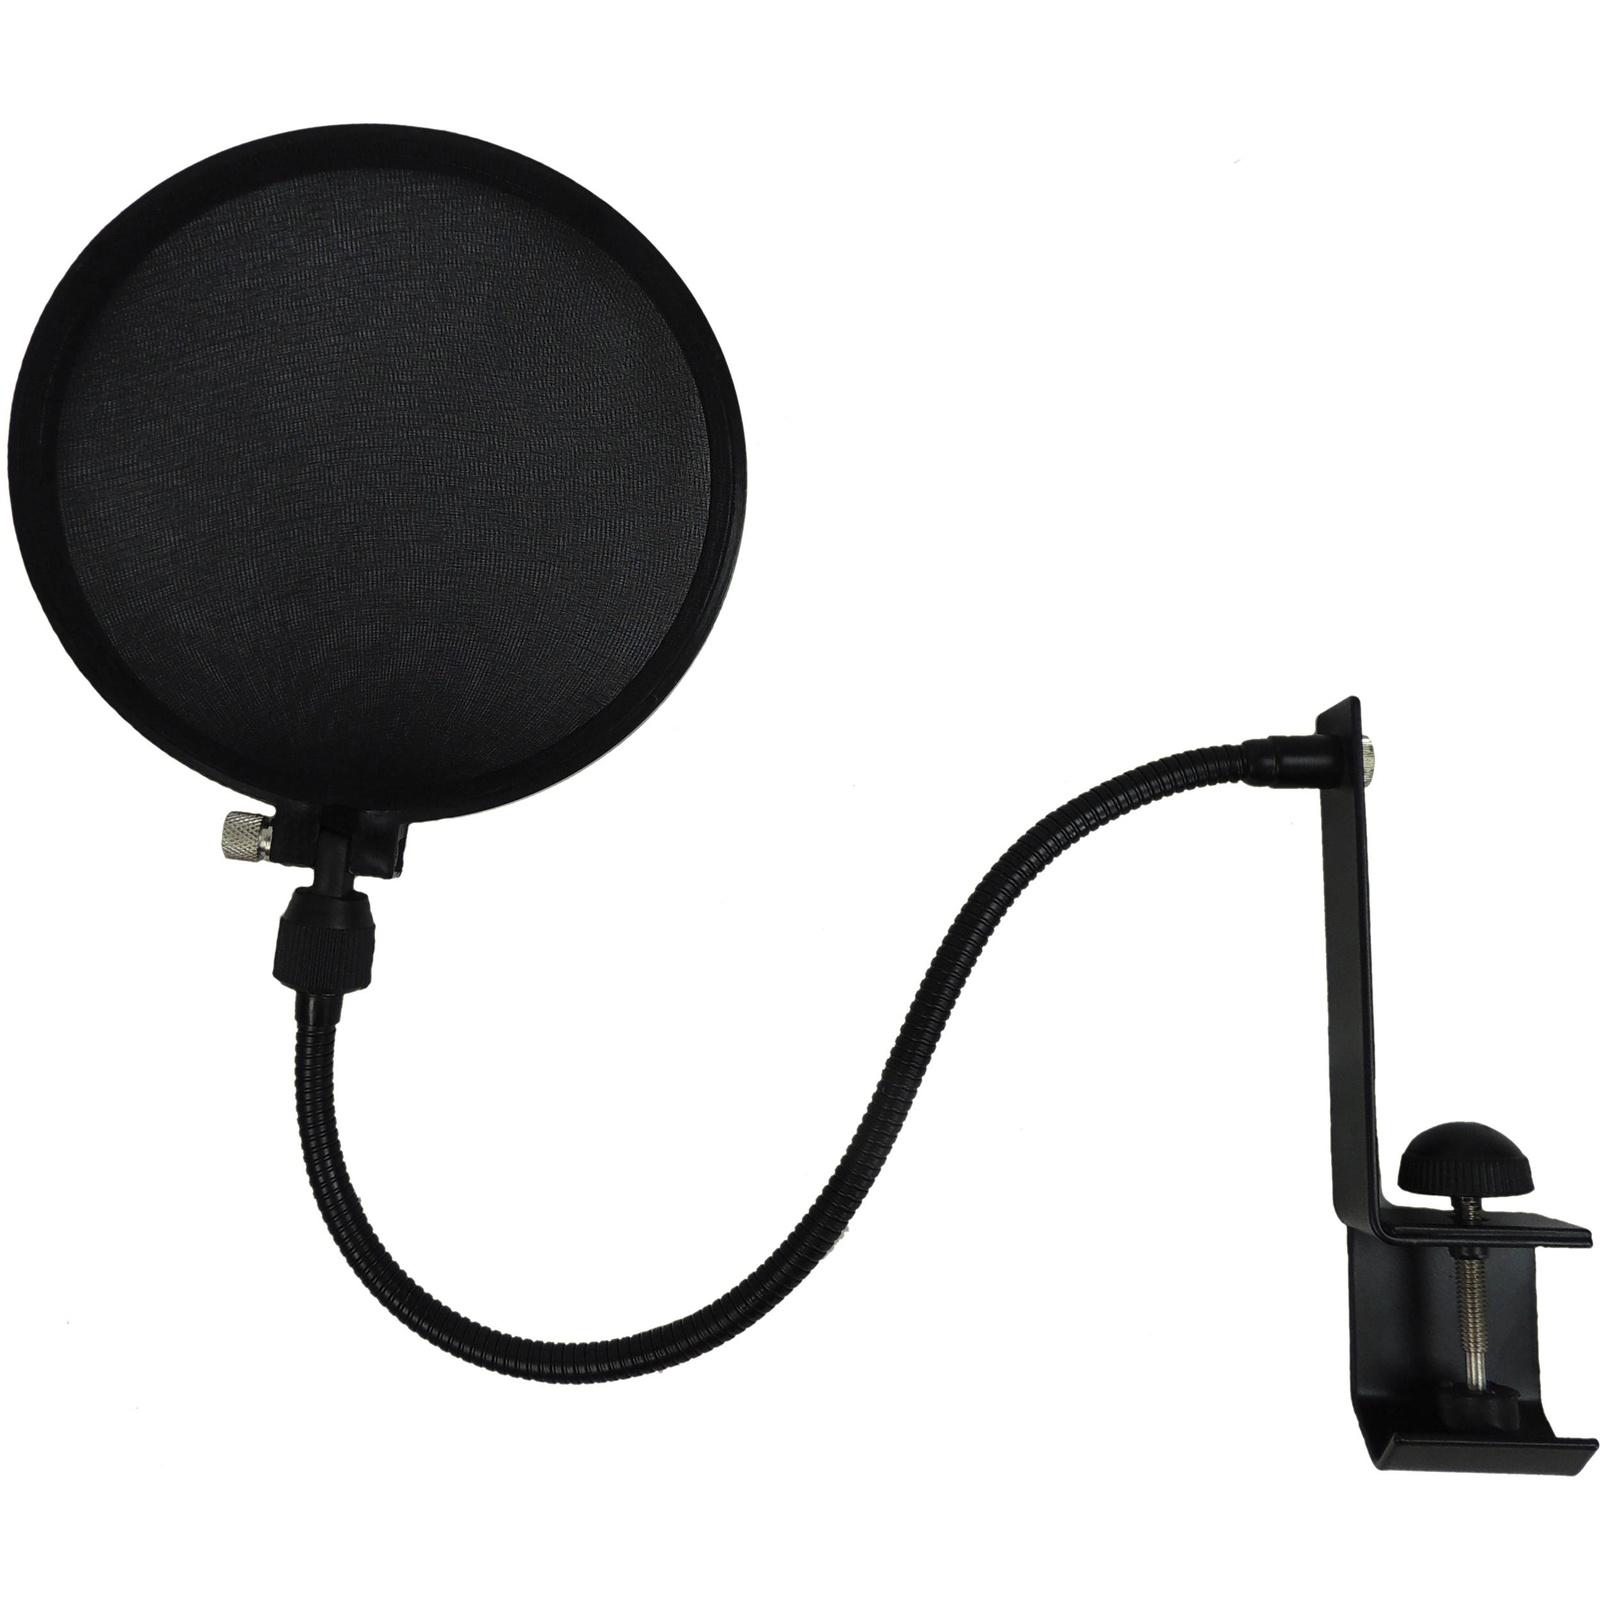 лучшая цена Аксессуар для микрофона ROCKDALE MS18P, MS18P, черный